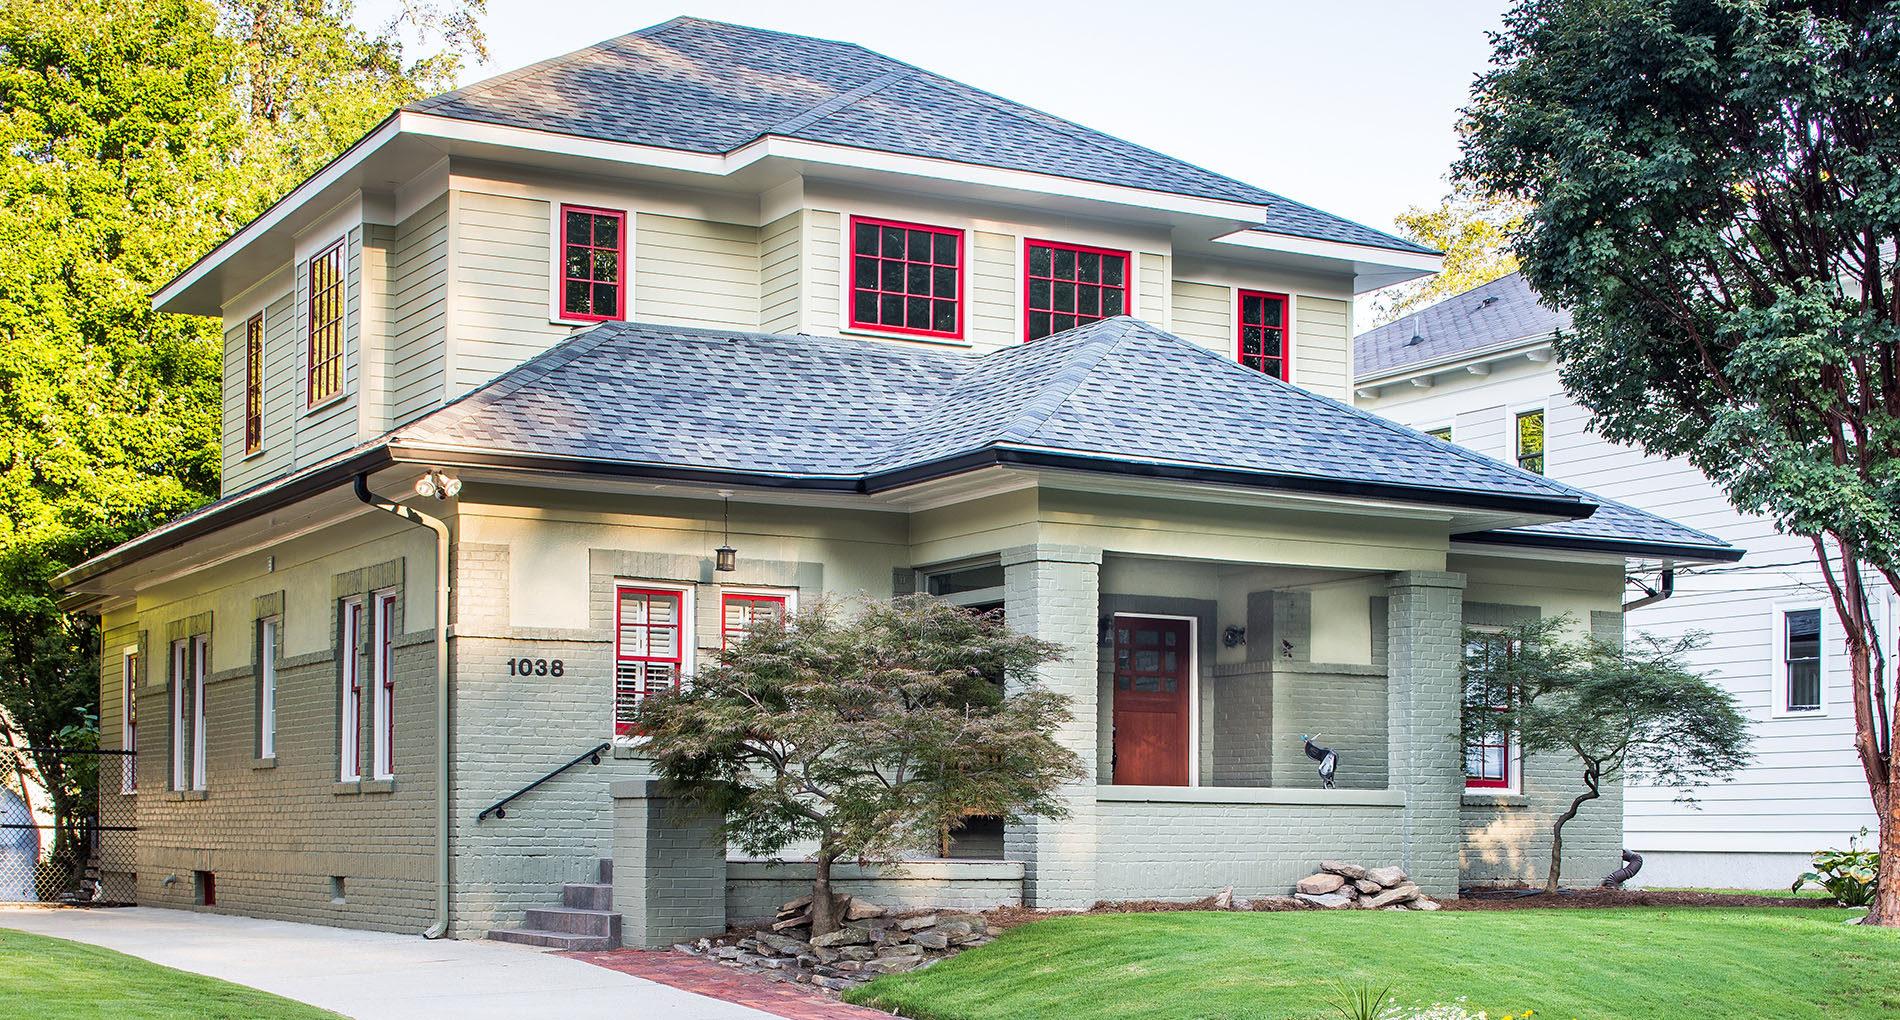 Home Renovation Decatur Virginiahighlandscraftsmanprairiebungalow Slider1